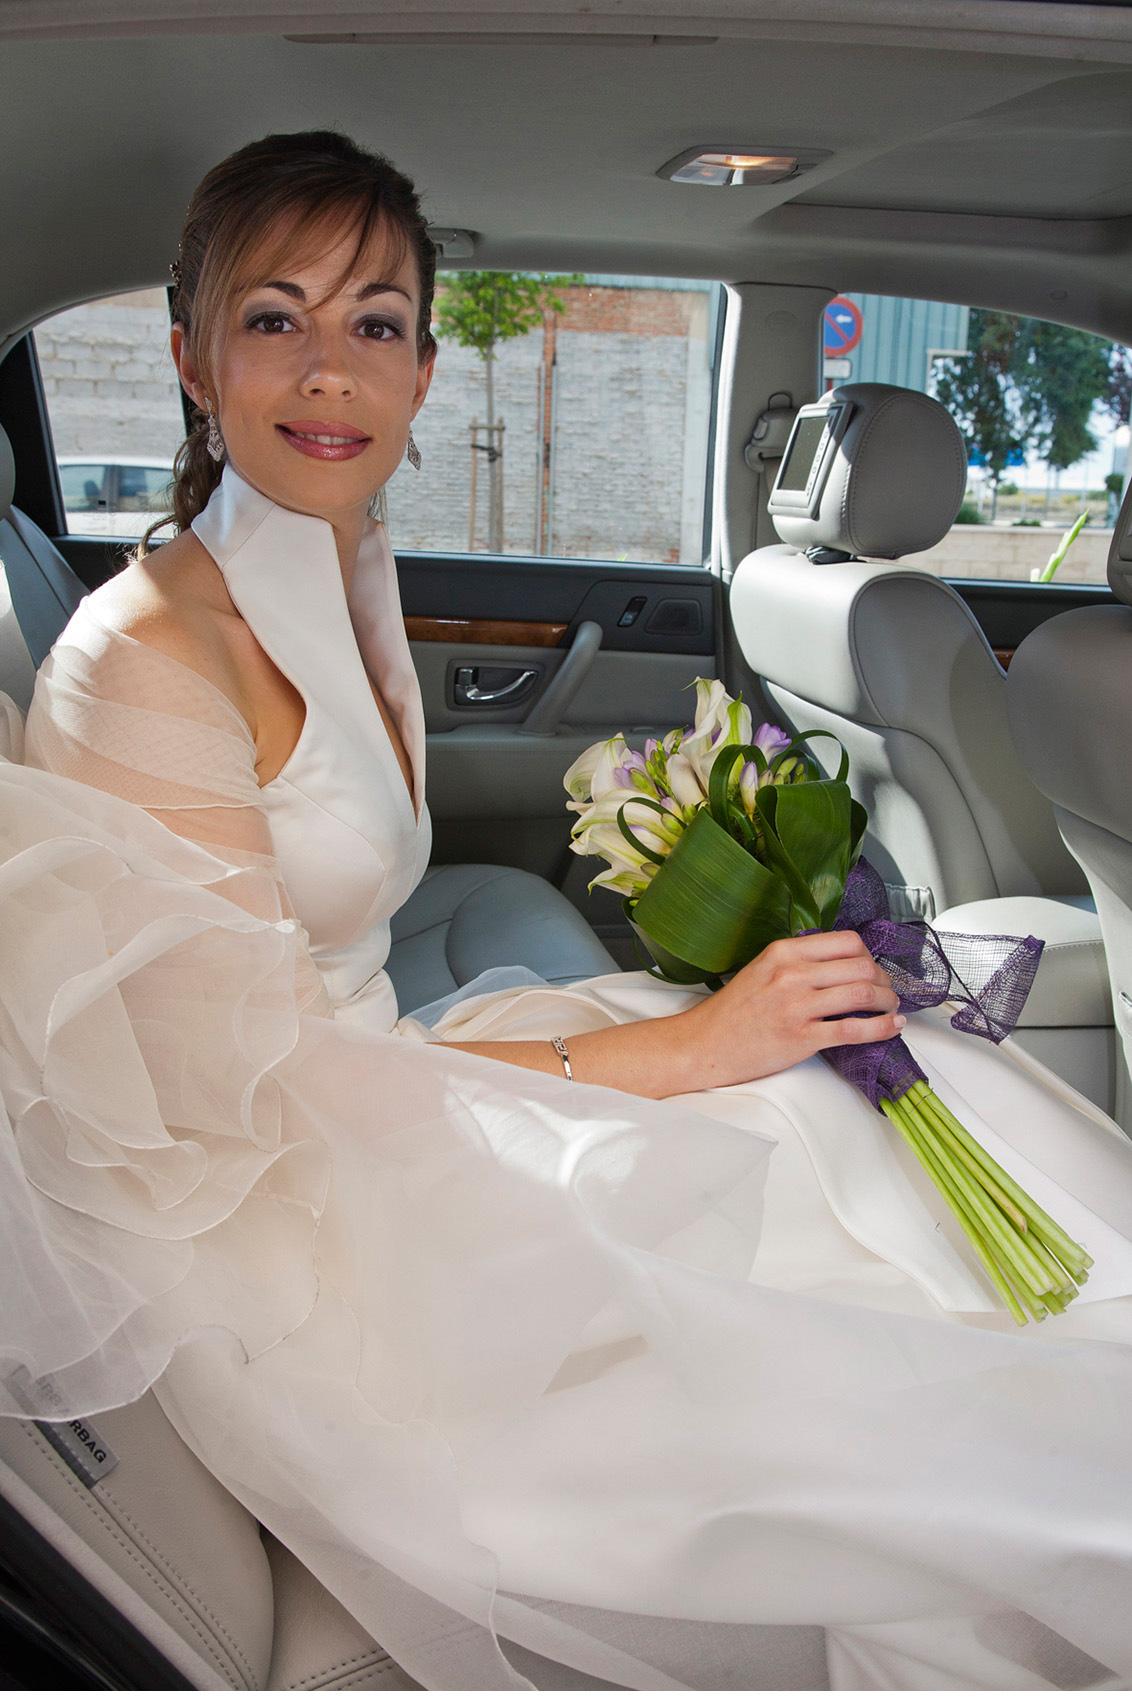 Fotografías boda Albacete, fotografía novia. Boda Víctor y Esther